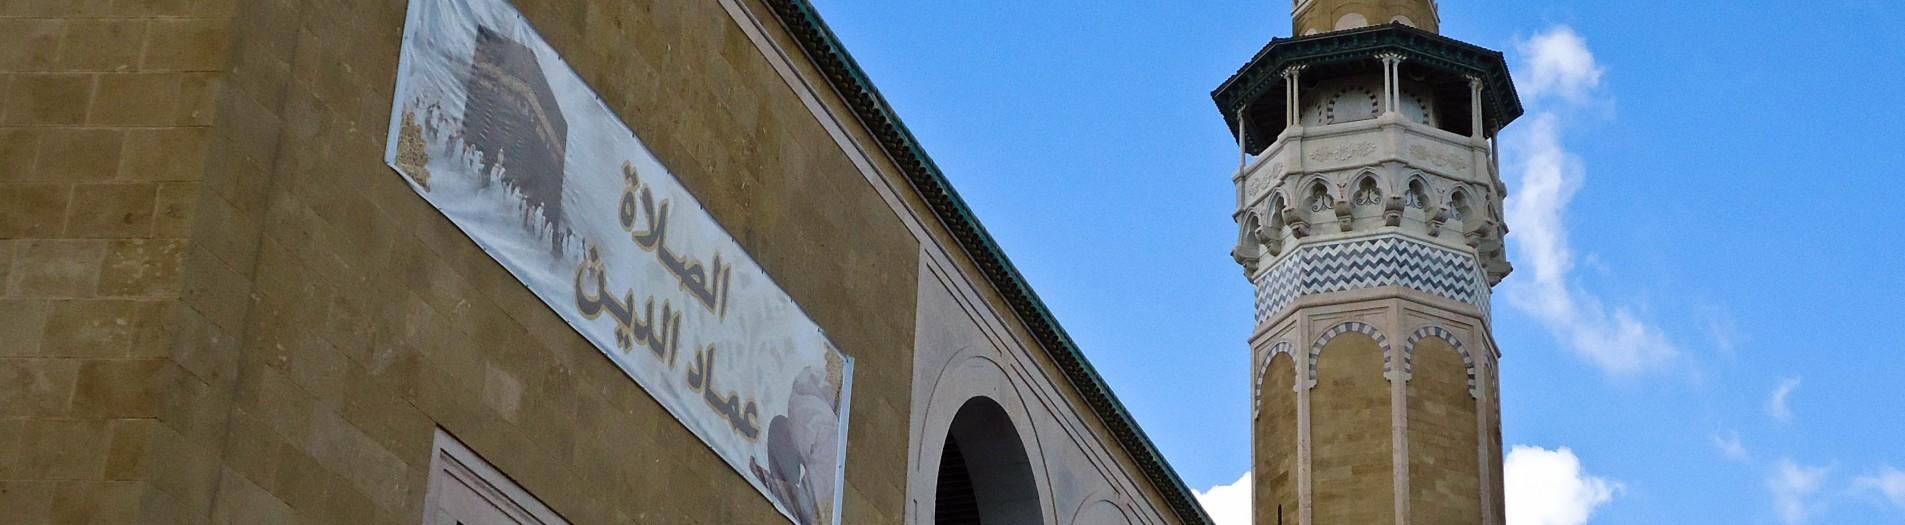 جامع يوسف صاحب الطابع